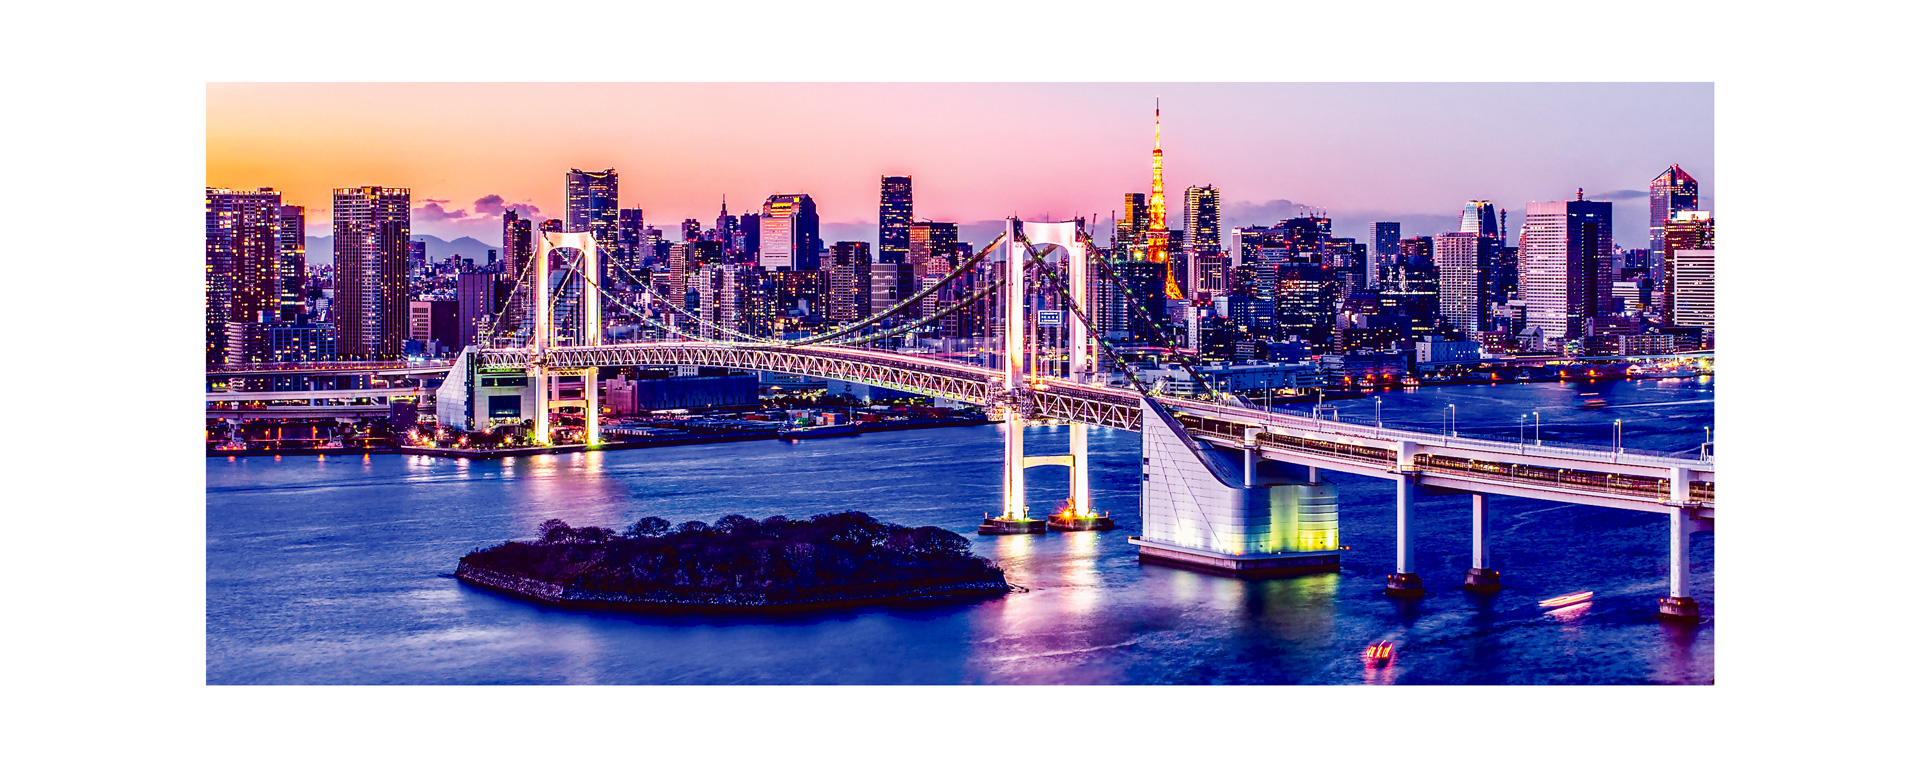 Những khu phố  độc đáo và hiện đại tại Tokyo ảnh 3